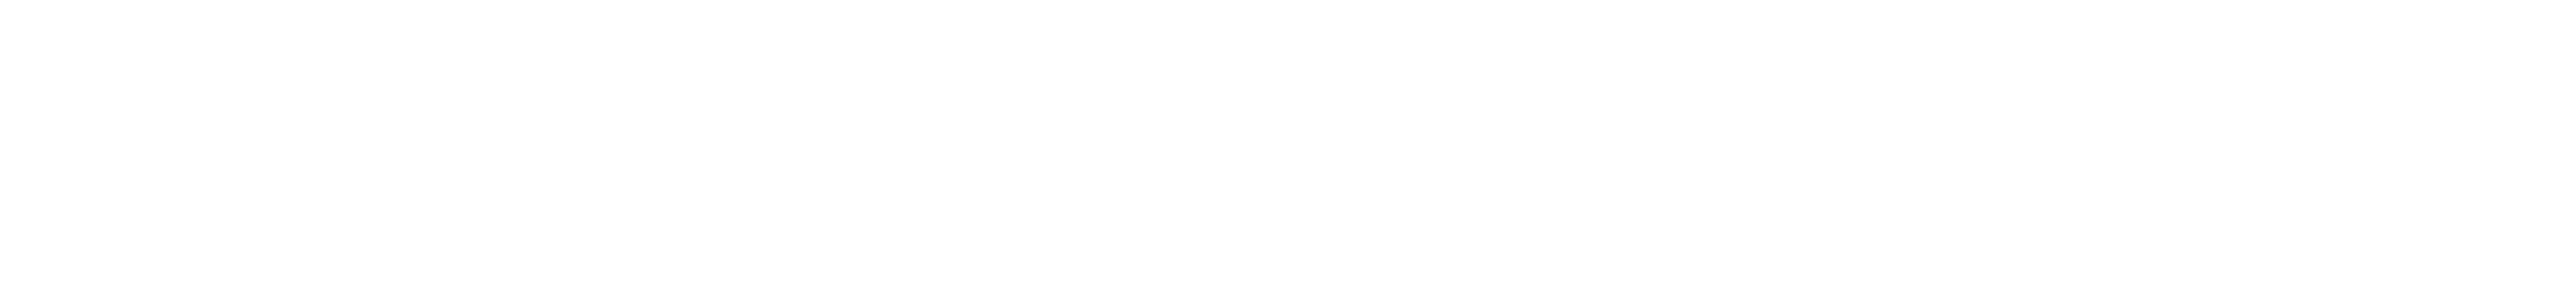 Giuristi